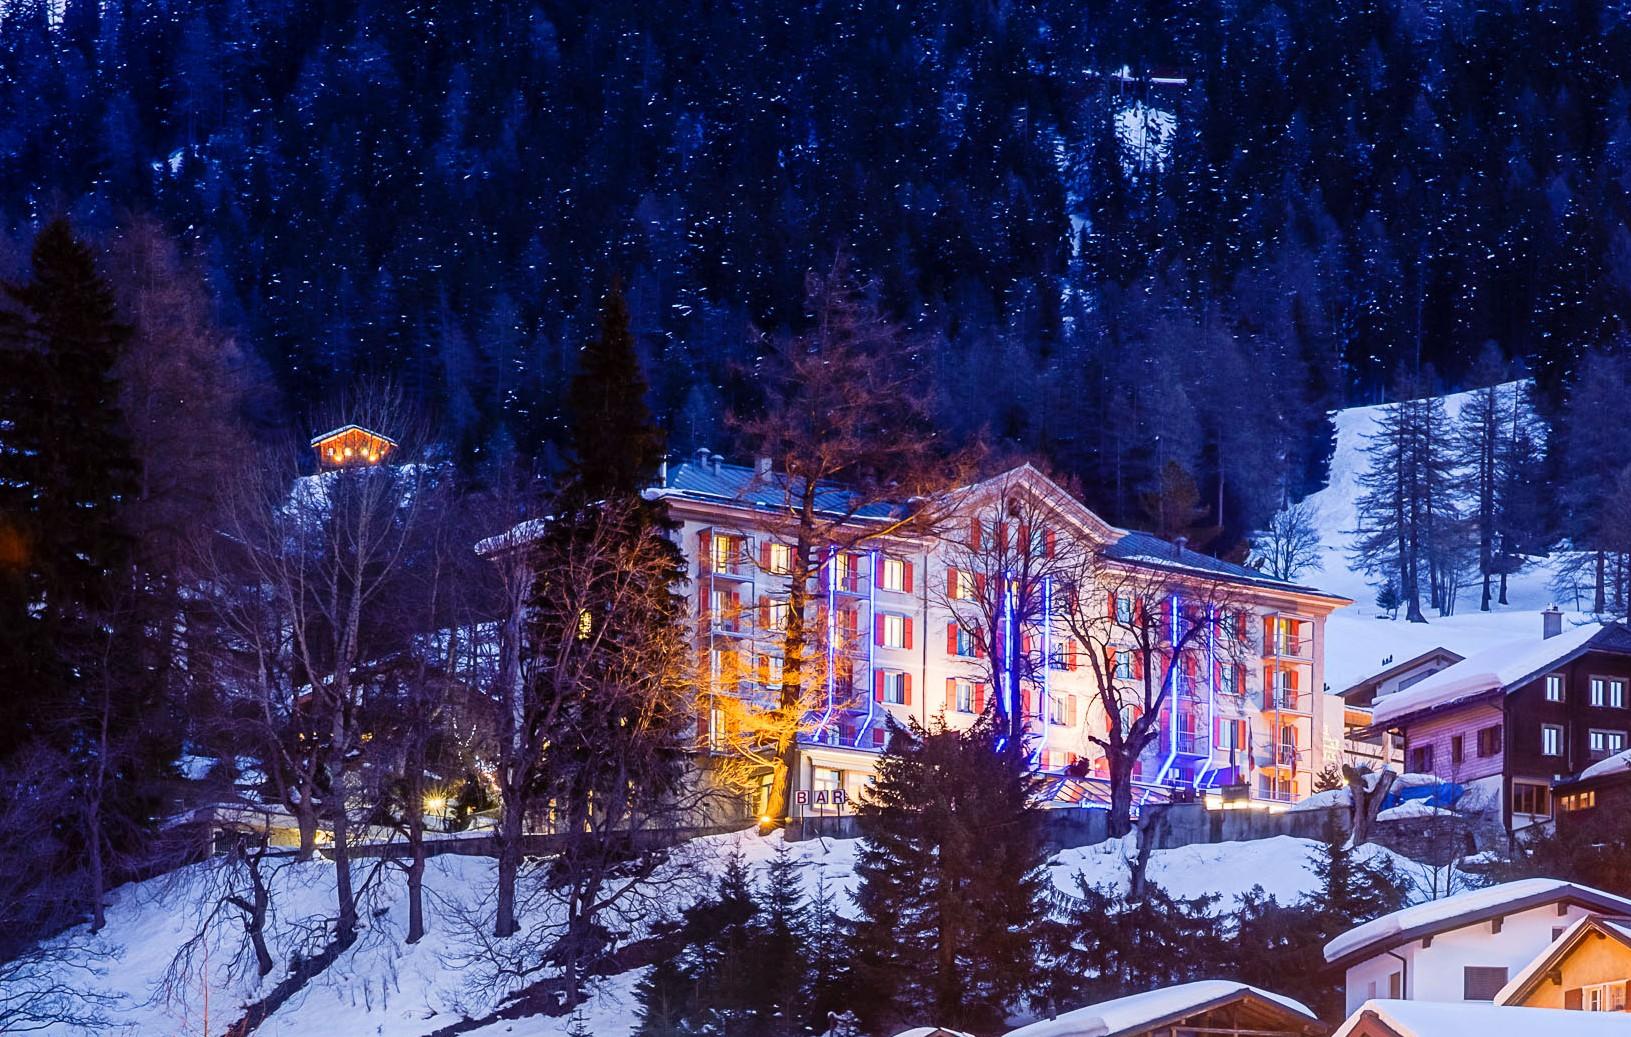 exterieur hotel hiver 2